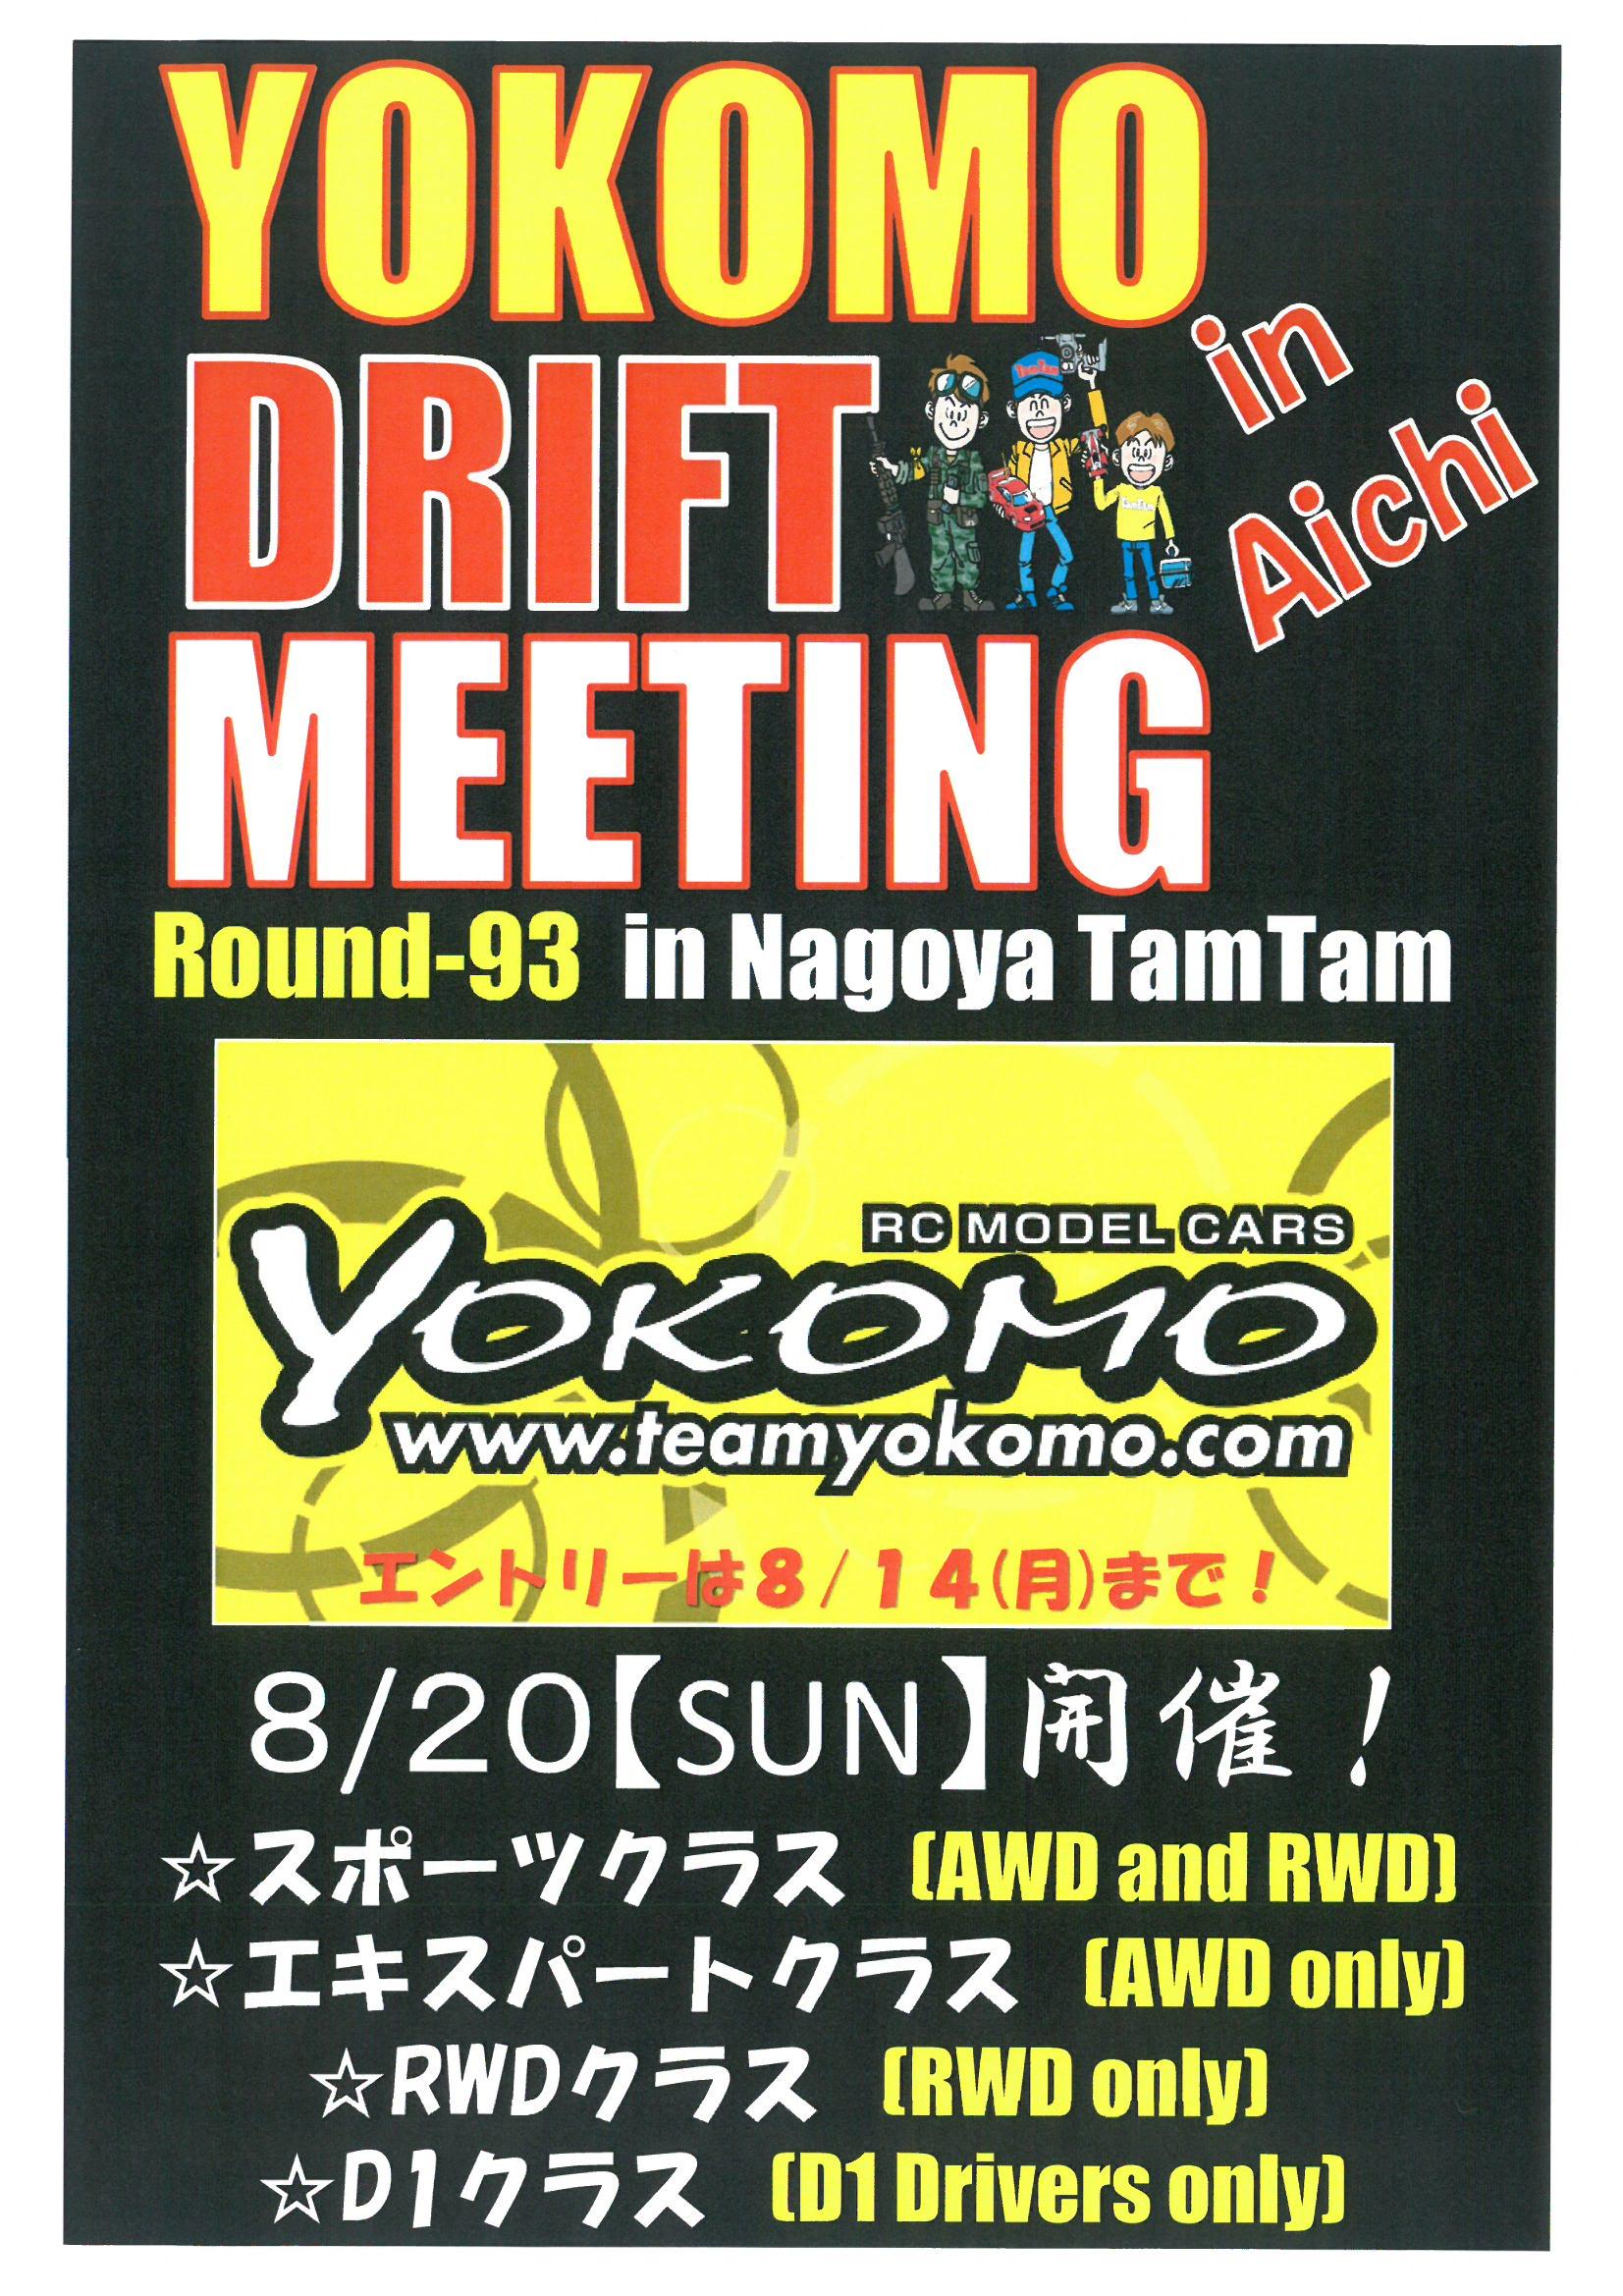 ヨコモ ドリフトミーティング Round-93in愛知 開催のお知らせ!